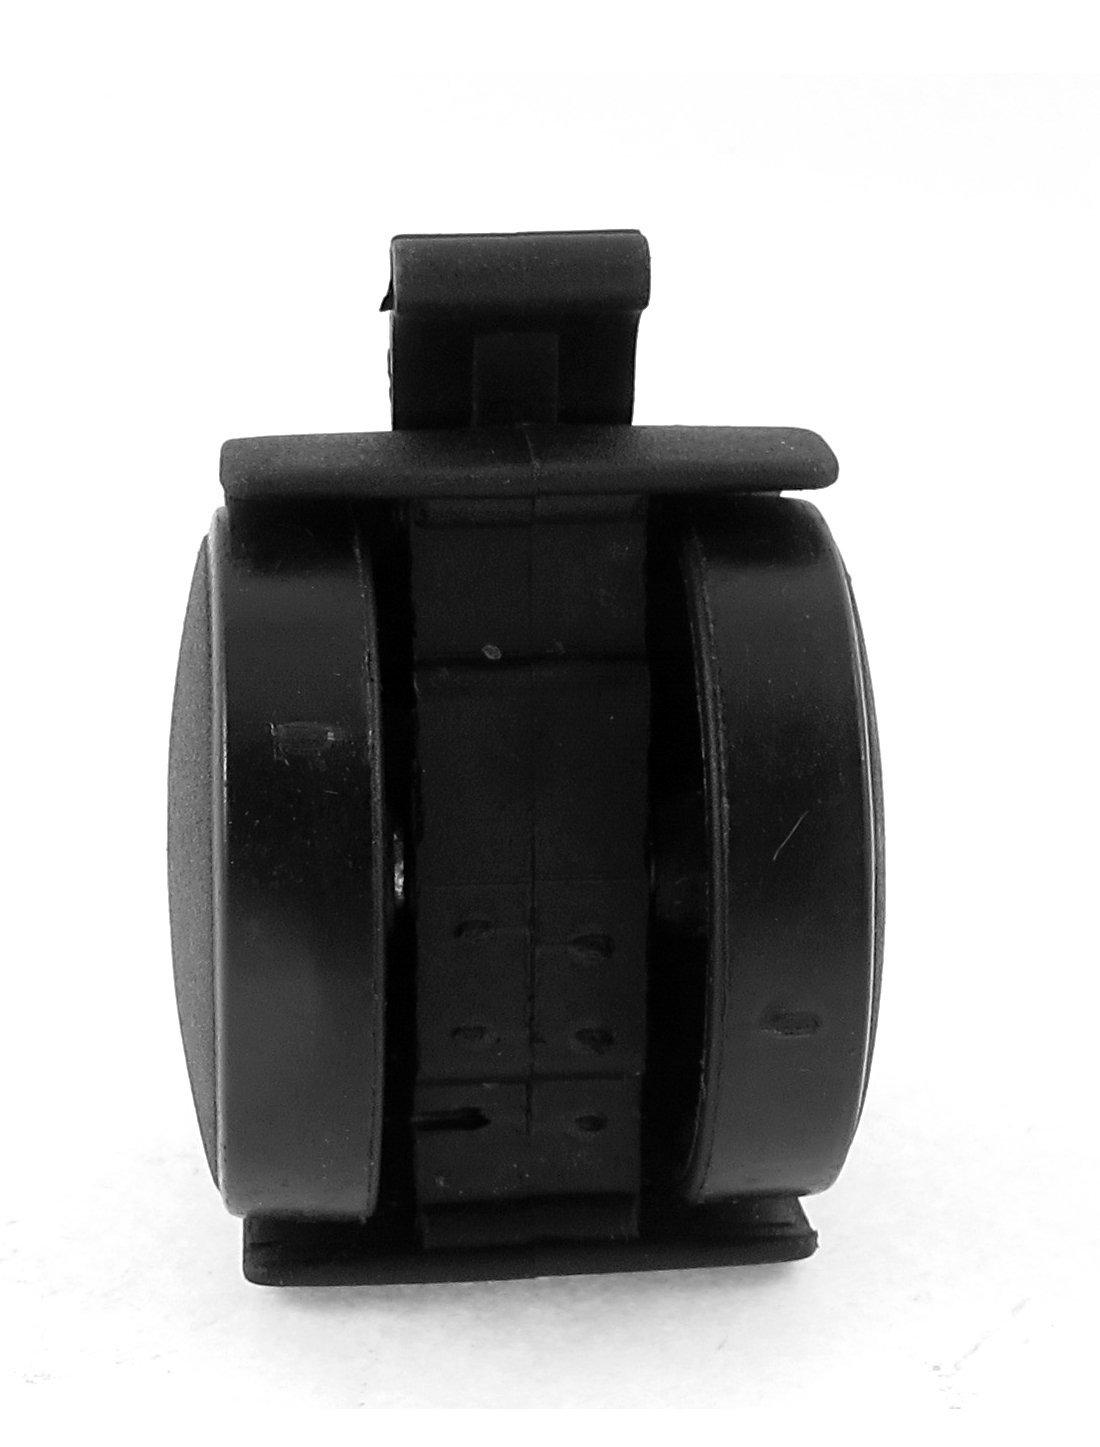 eDealMax a15042400ux0067 1.5 Doble rueda DE 3/8 roscado Stem de ...